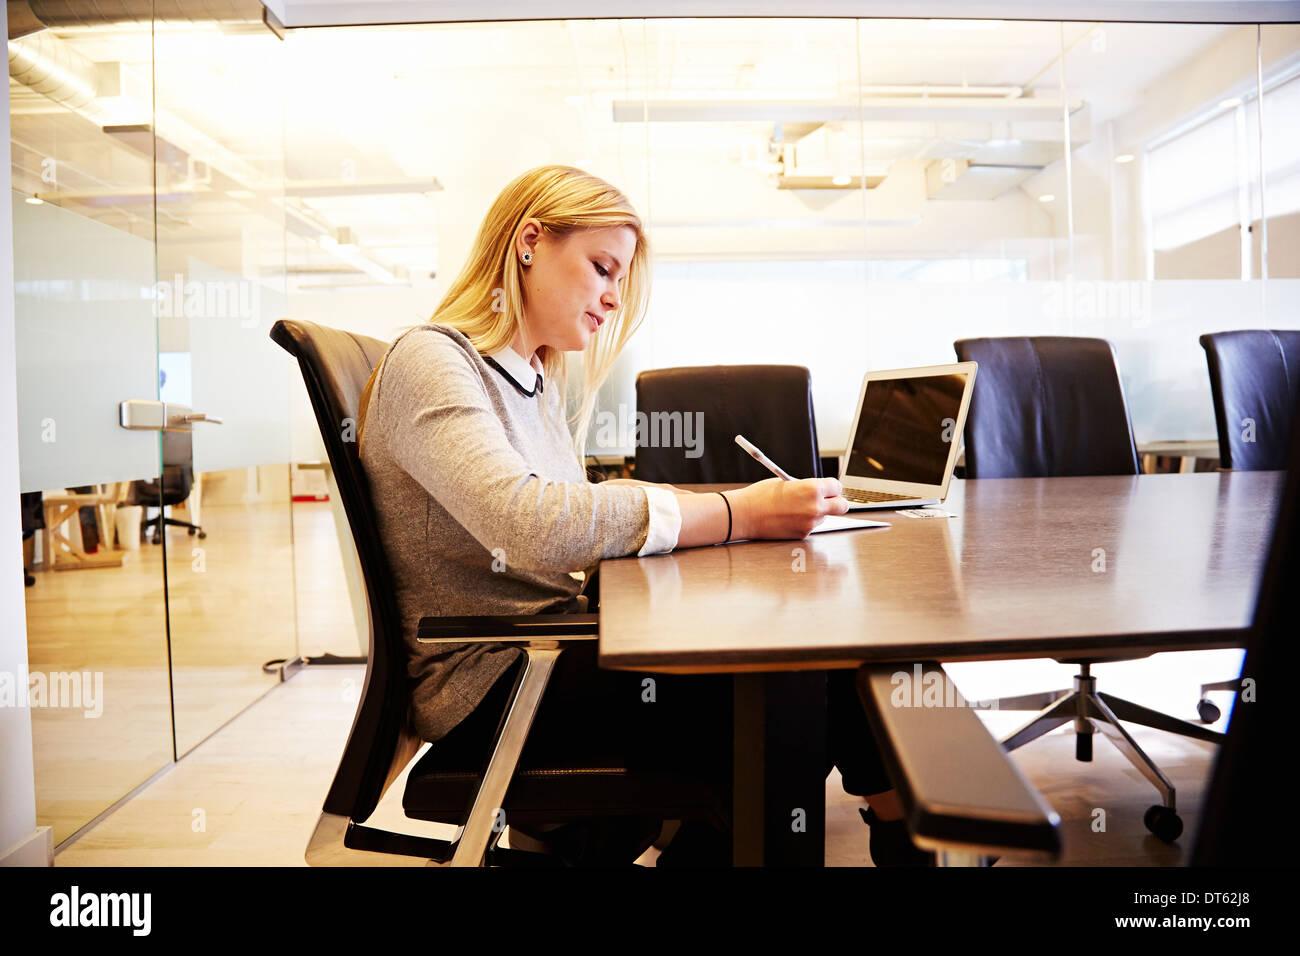 Joven que trabaja en la mesa Imagen De Stock